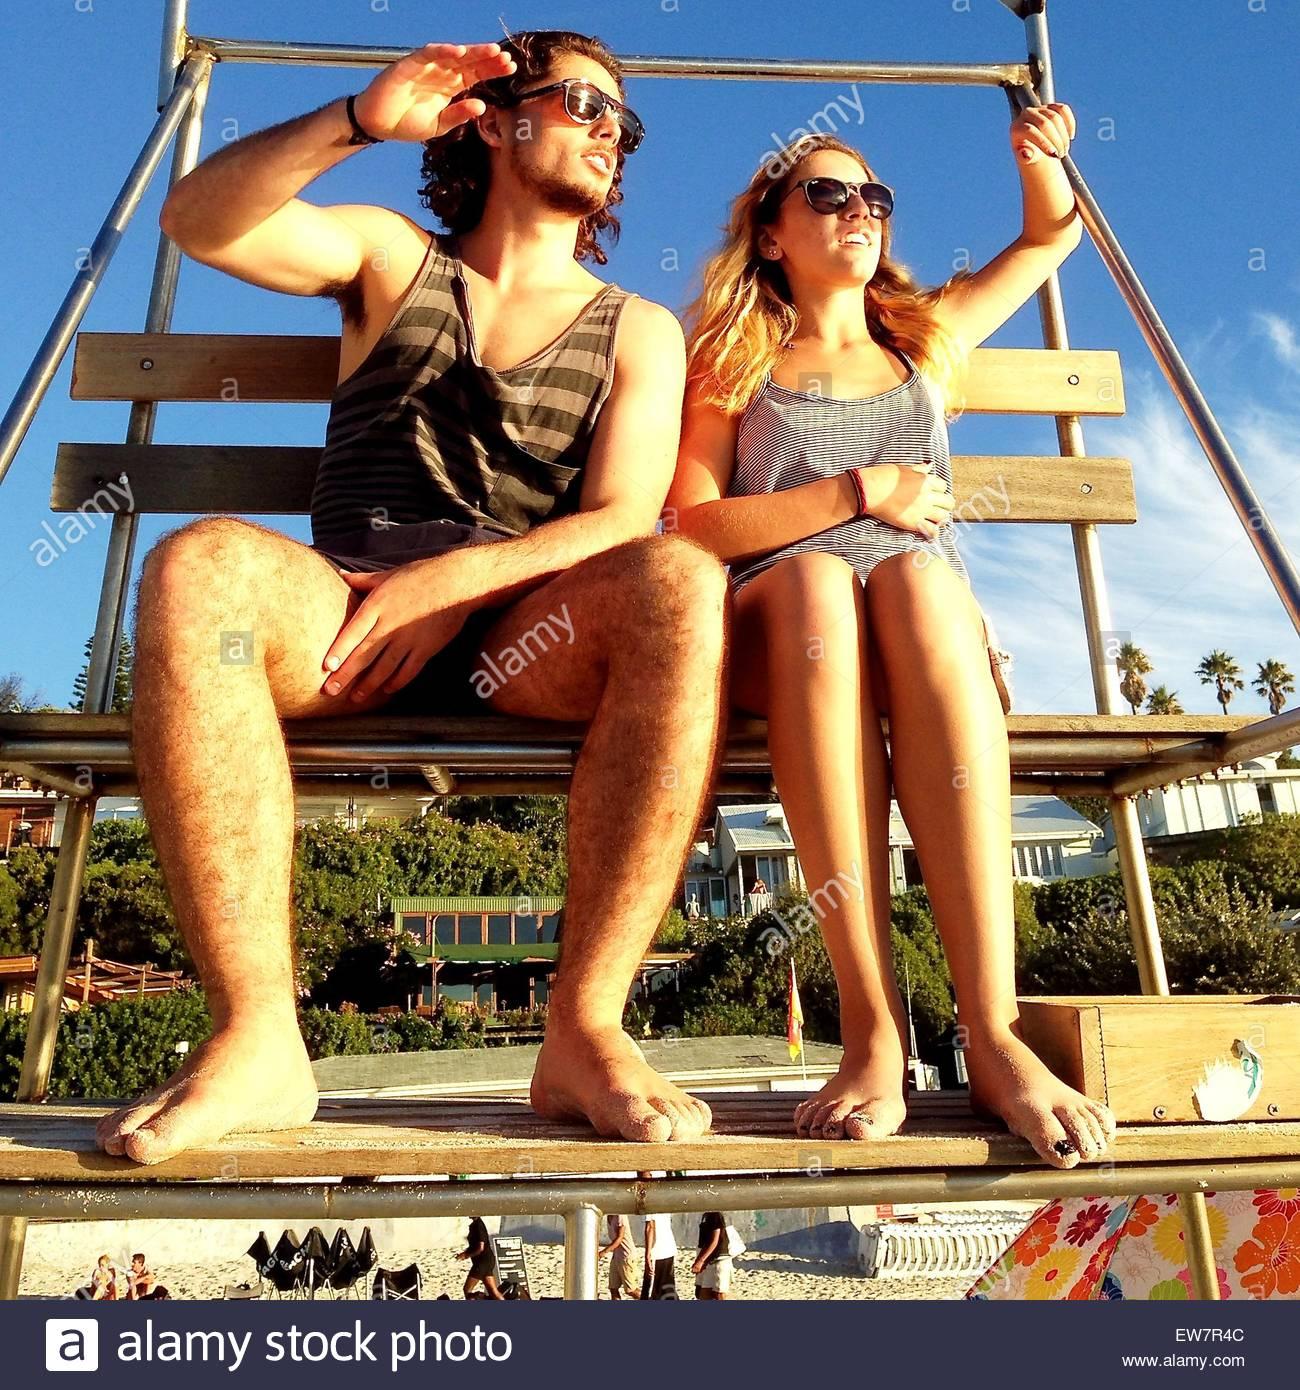 Hombre y mujer sentada sobre una torre de socorrista, Clifton Beach, Cape Town, Sudáfrica Imagen De Stock